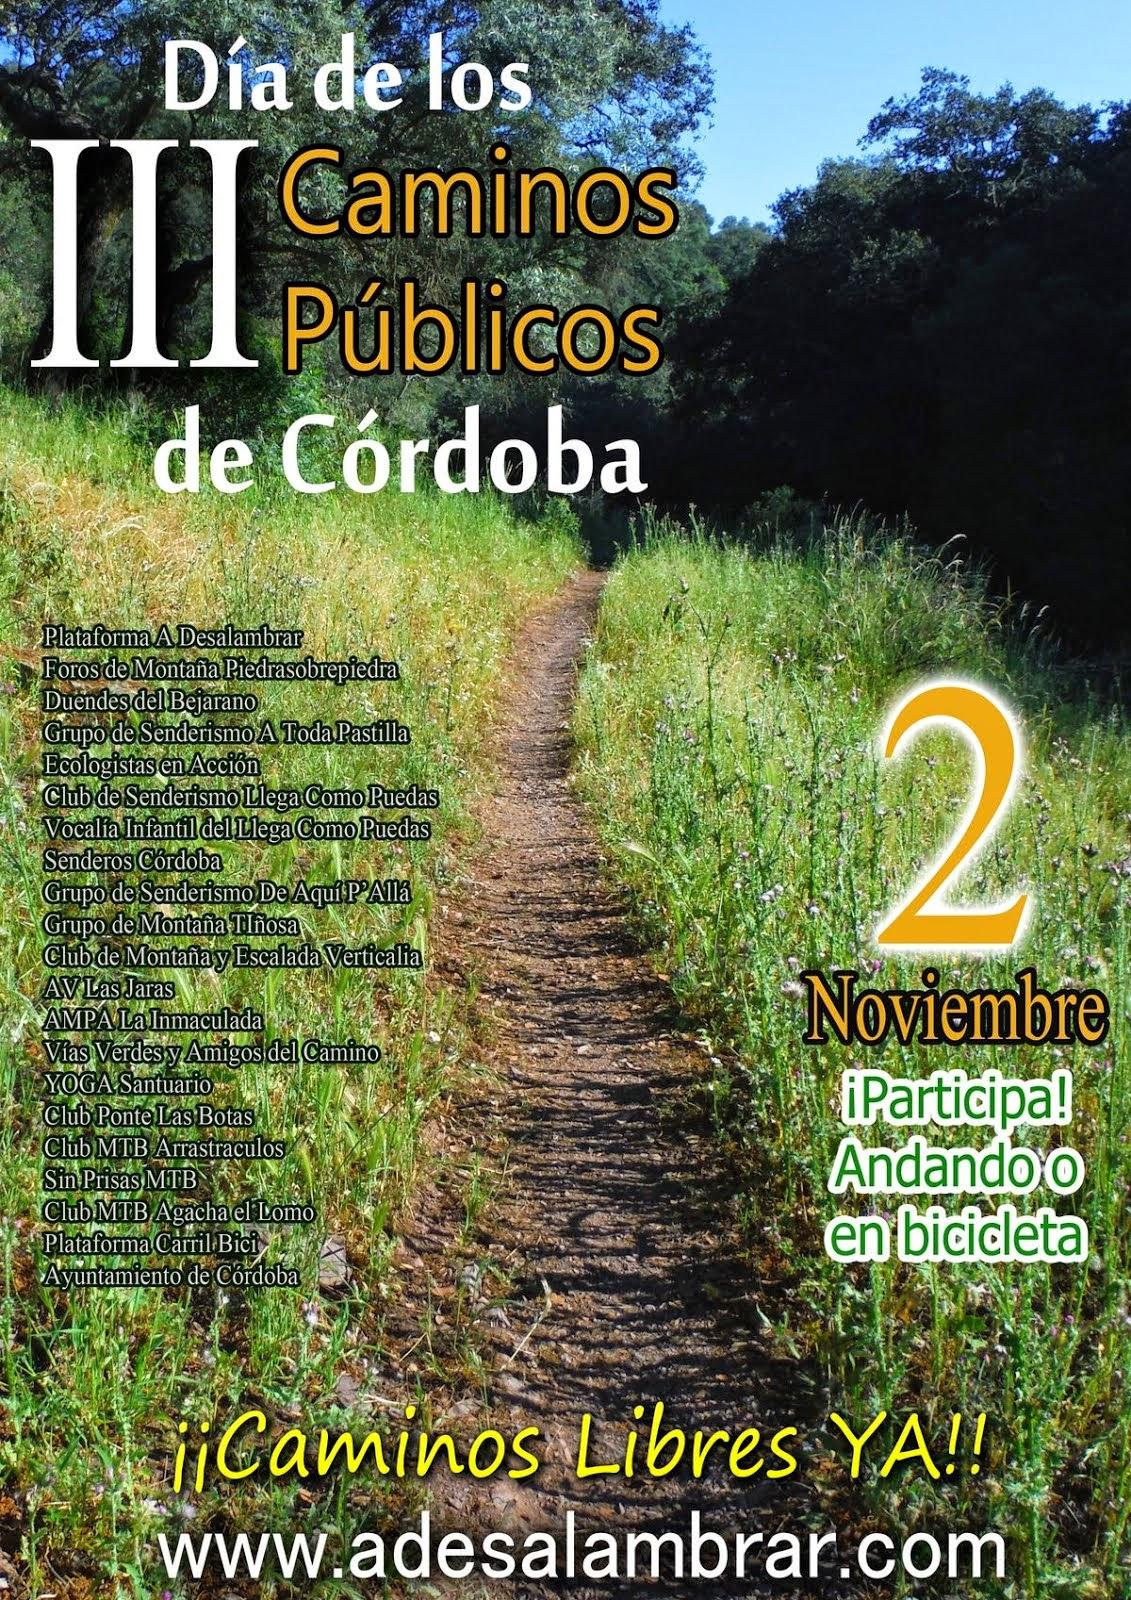 Día de los caminos públicos 2014